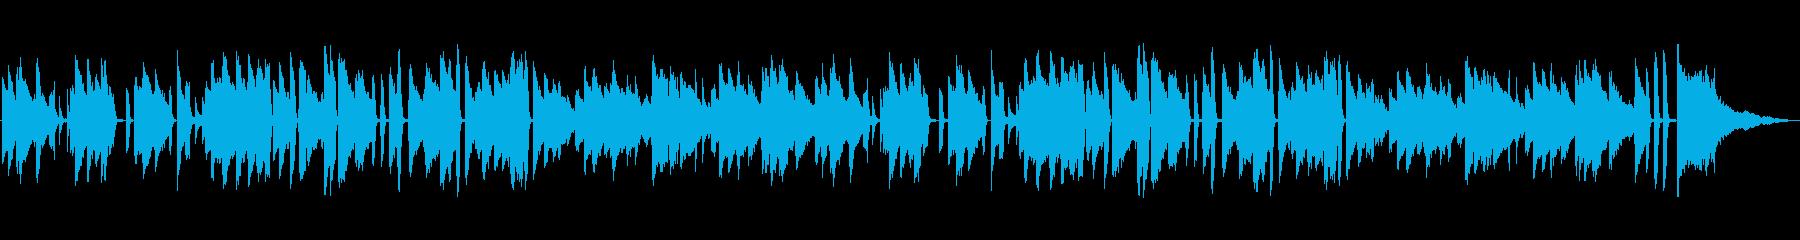 明るい・陽気・溌溂・ジャズ・ピアノソロの再生済みの波形